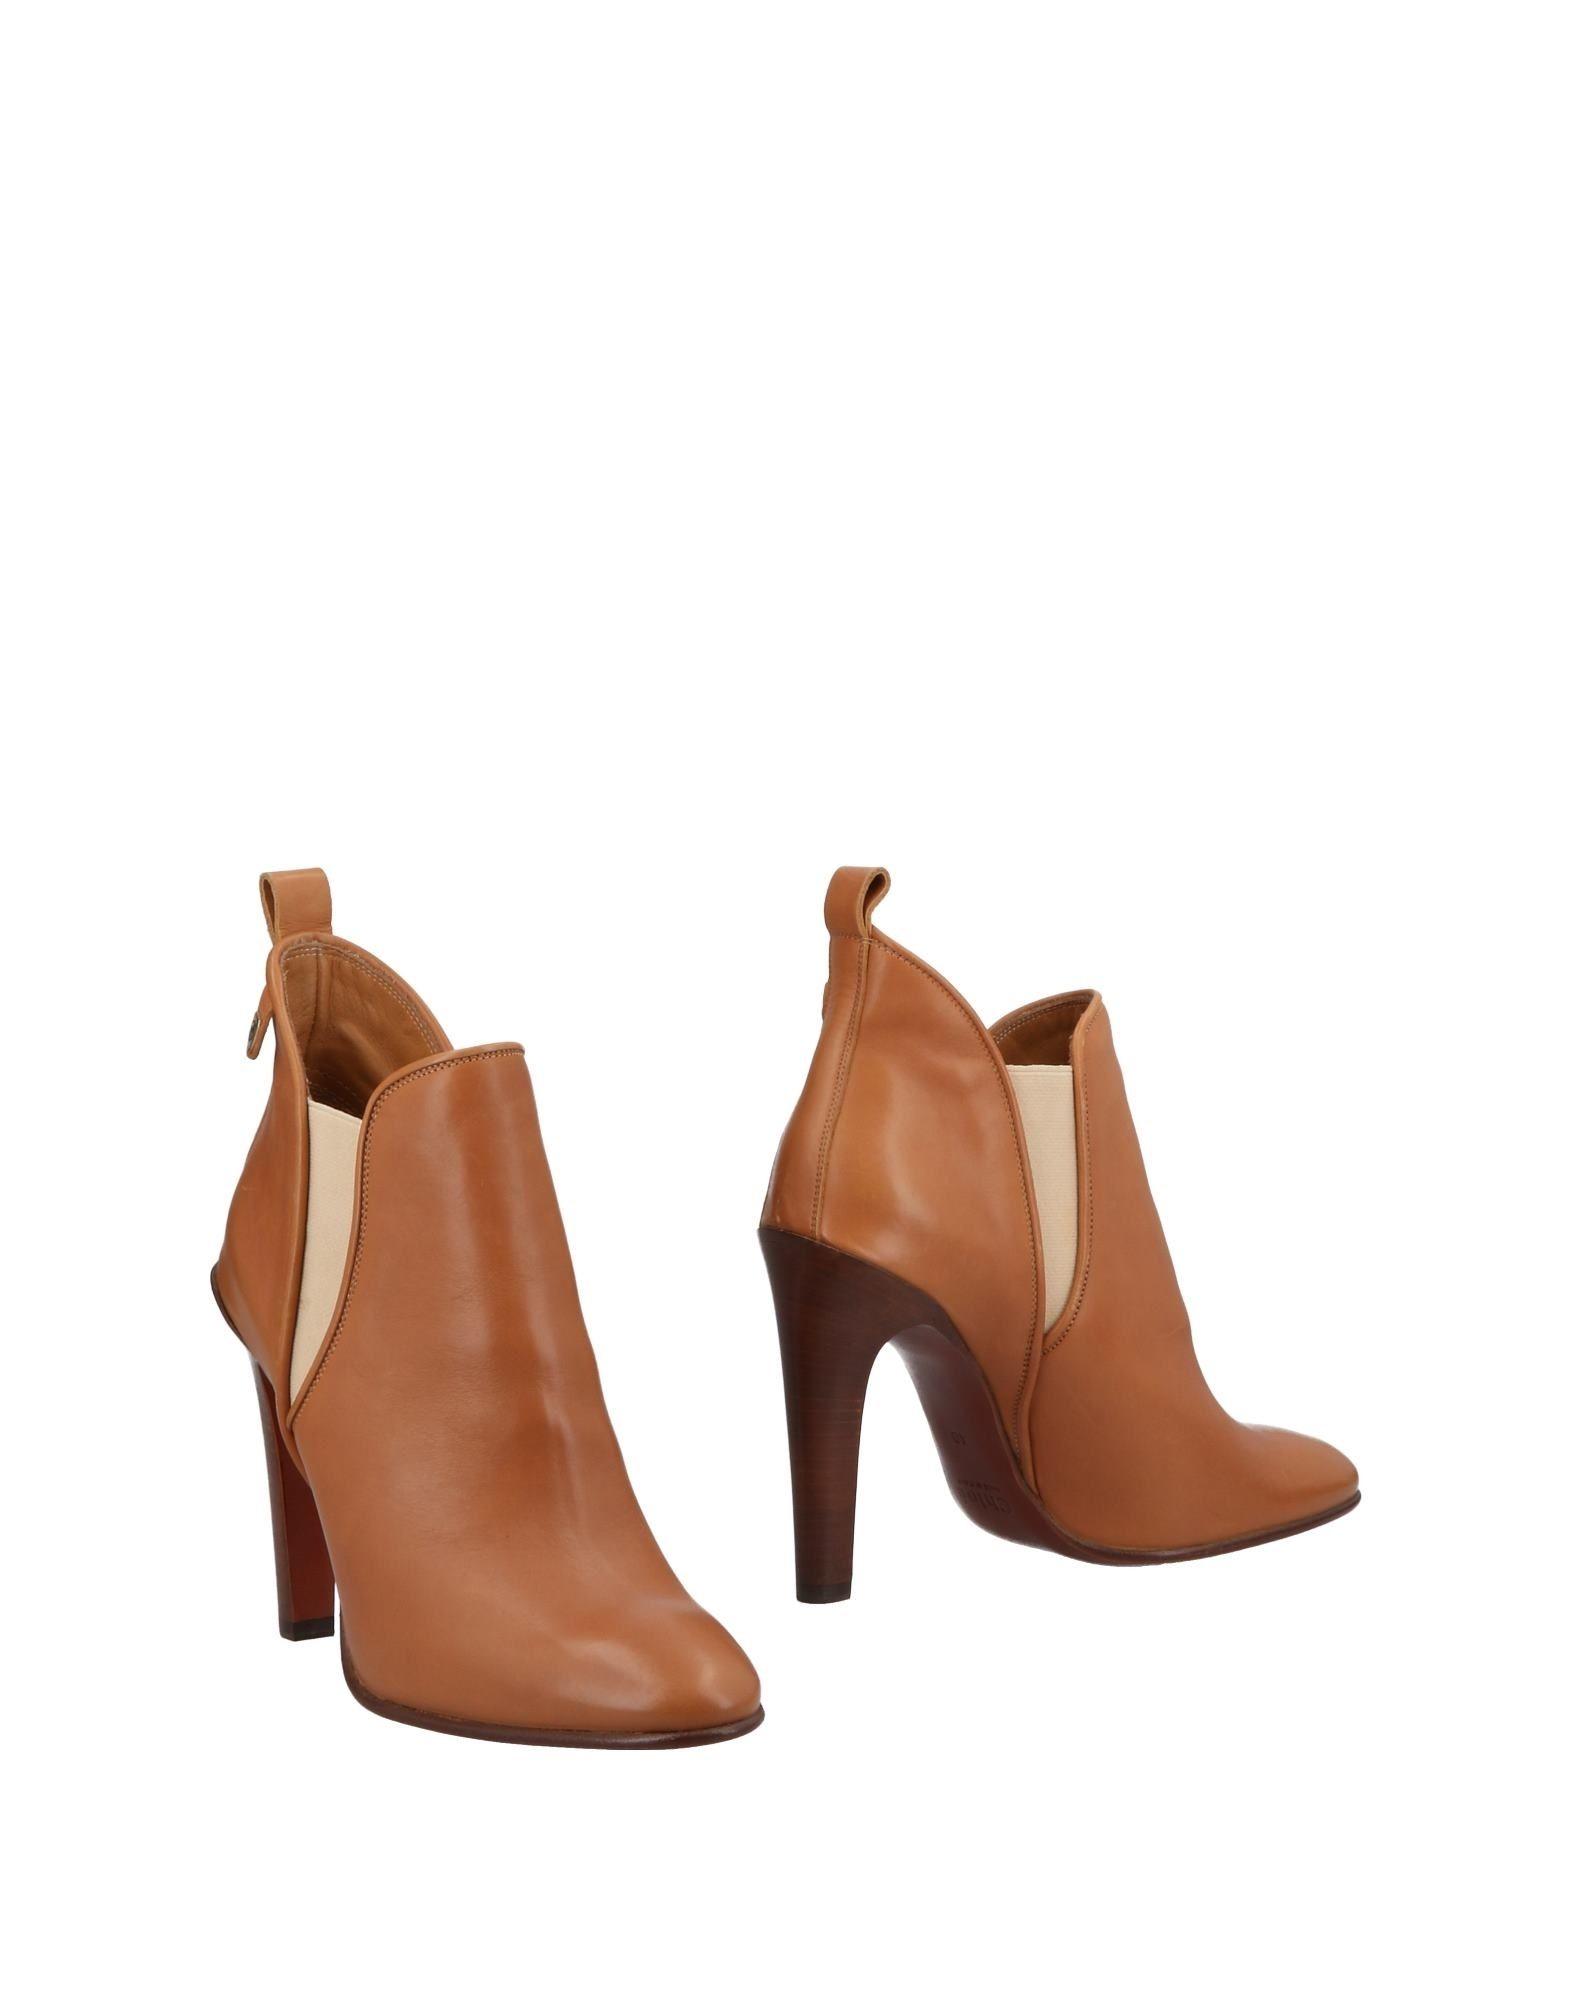 Scarpe Boots economiche e resistenti Chelsea Boots Scarpe Chloé Donna b0d5e4